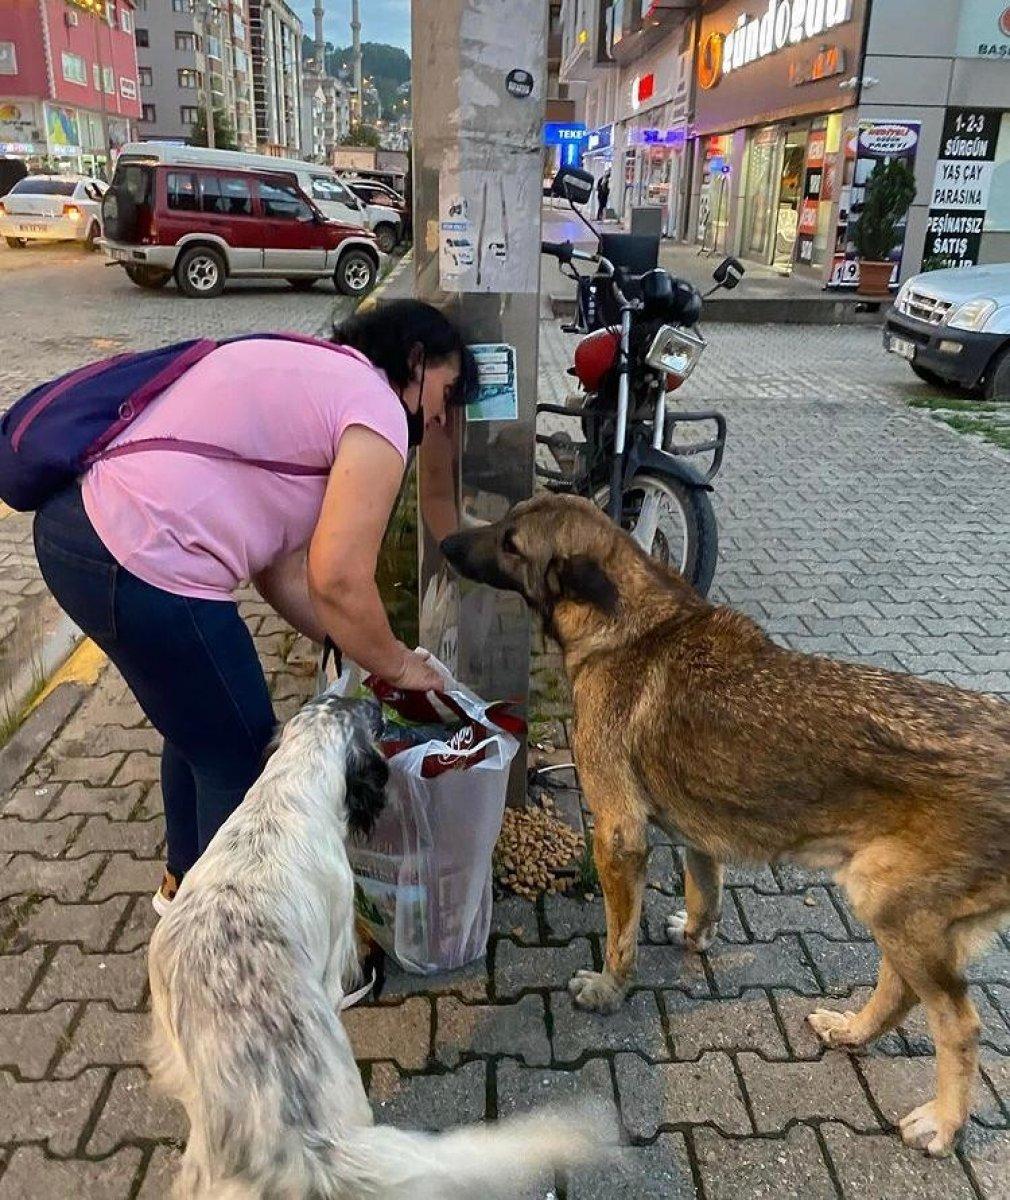 Artvin de kaybolan sokak köpekleri, hayvan severleri ayağa kaldırdı #4